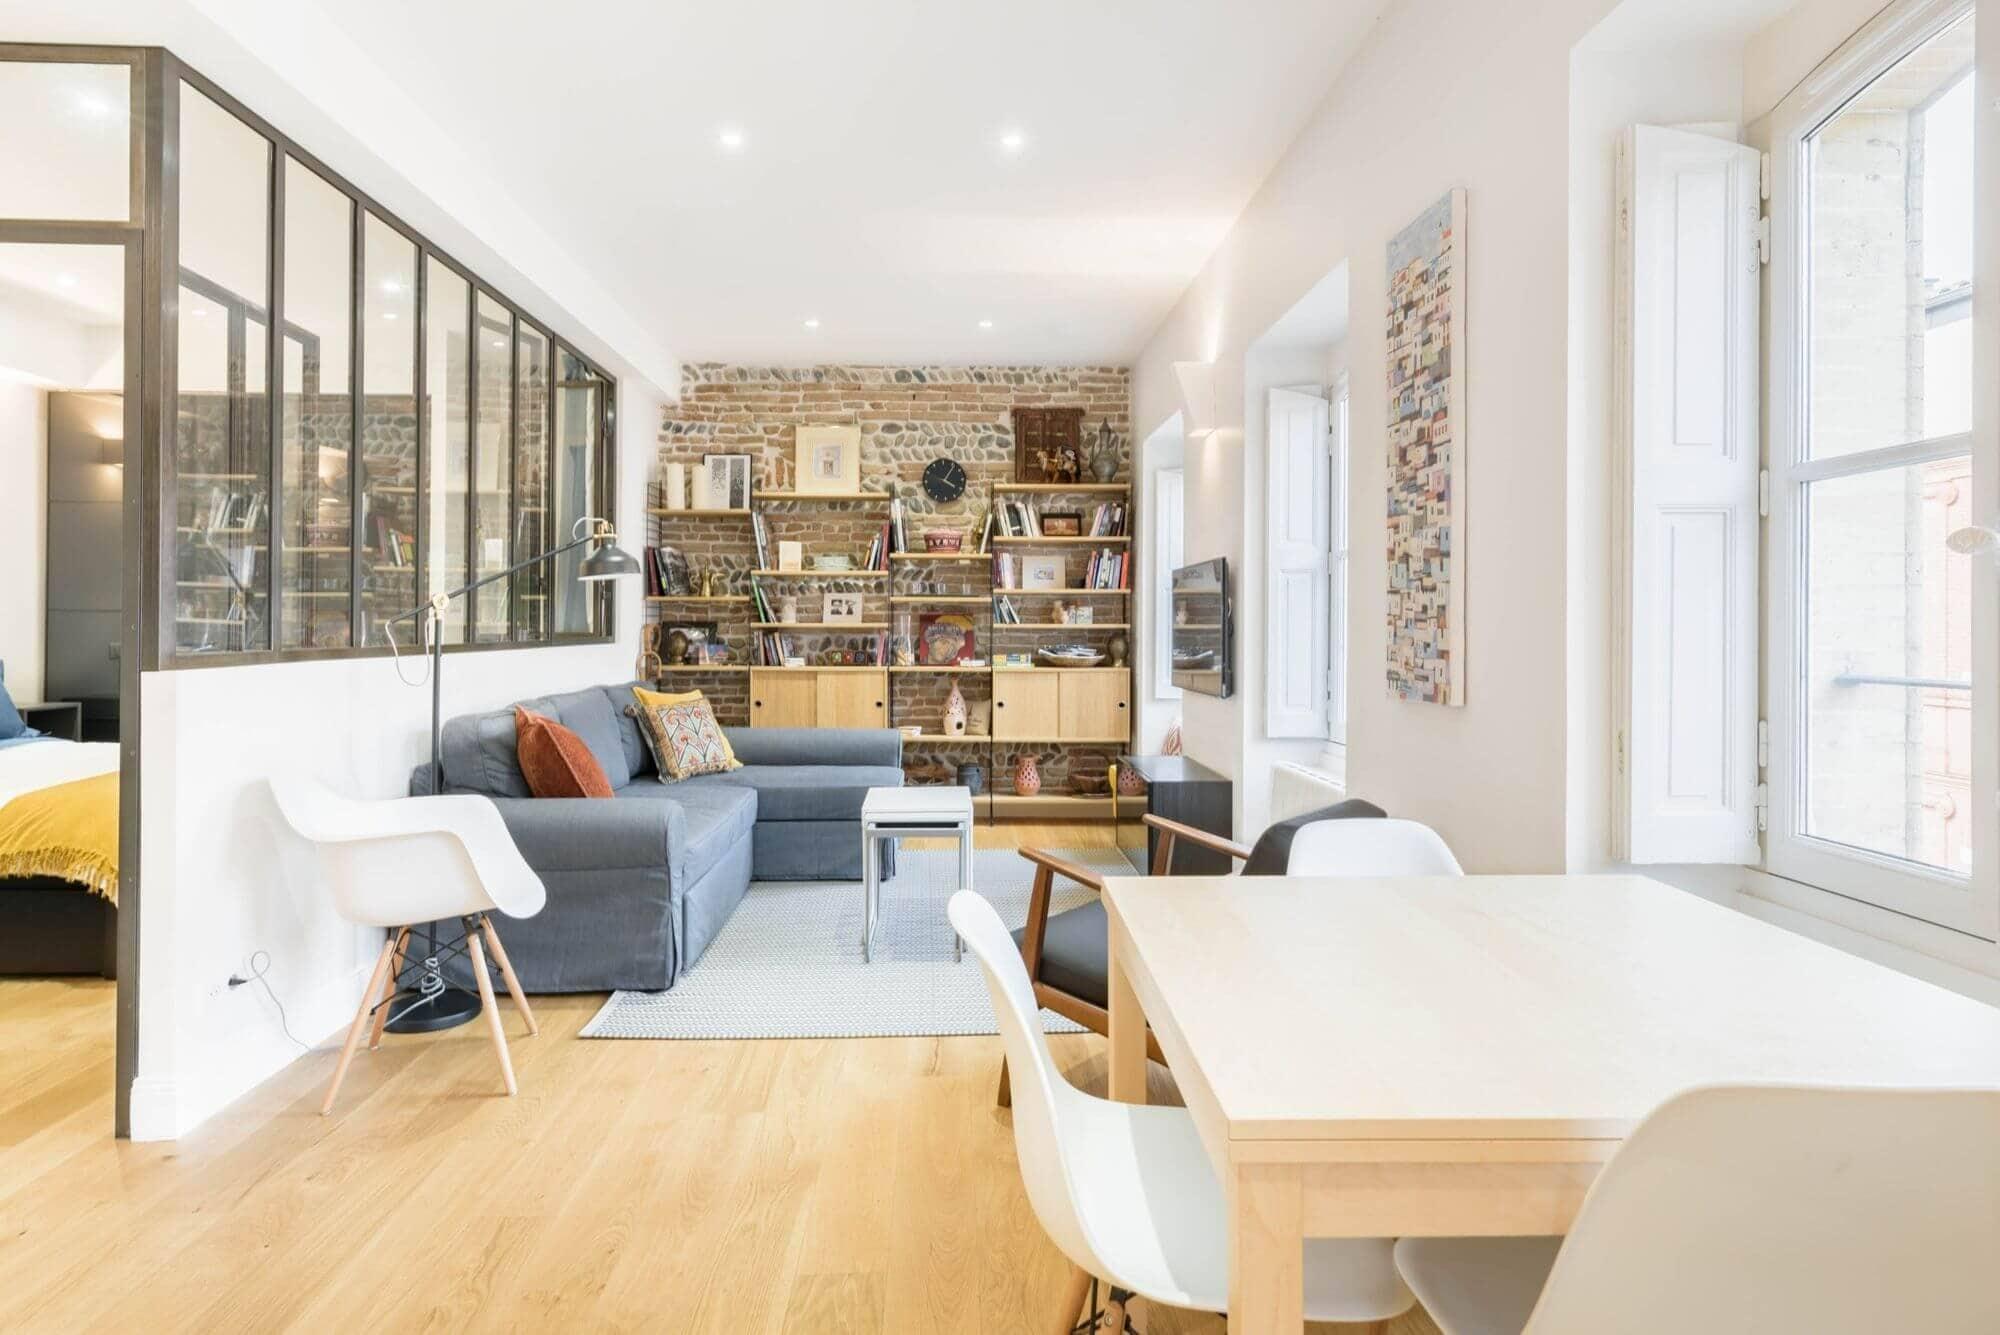 Rénovation d'appartement, Réno appart toulouse